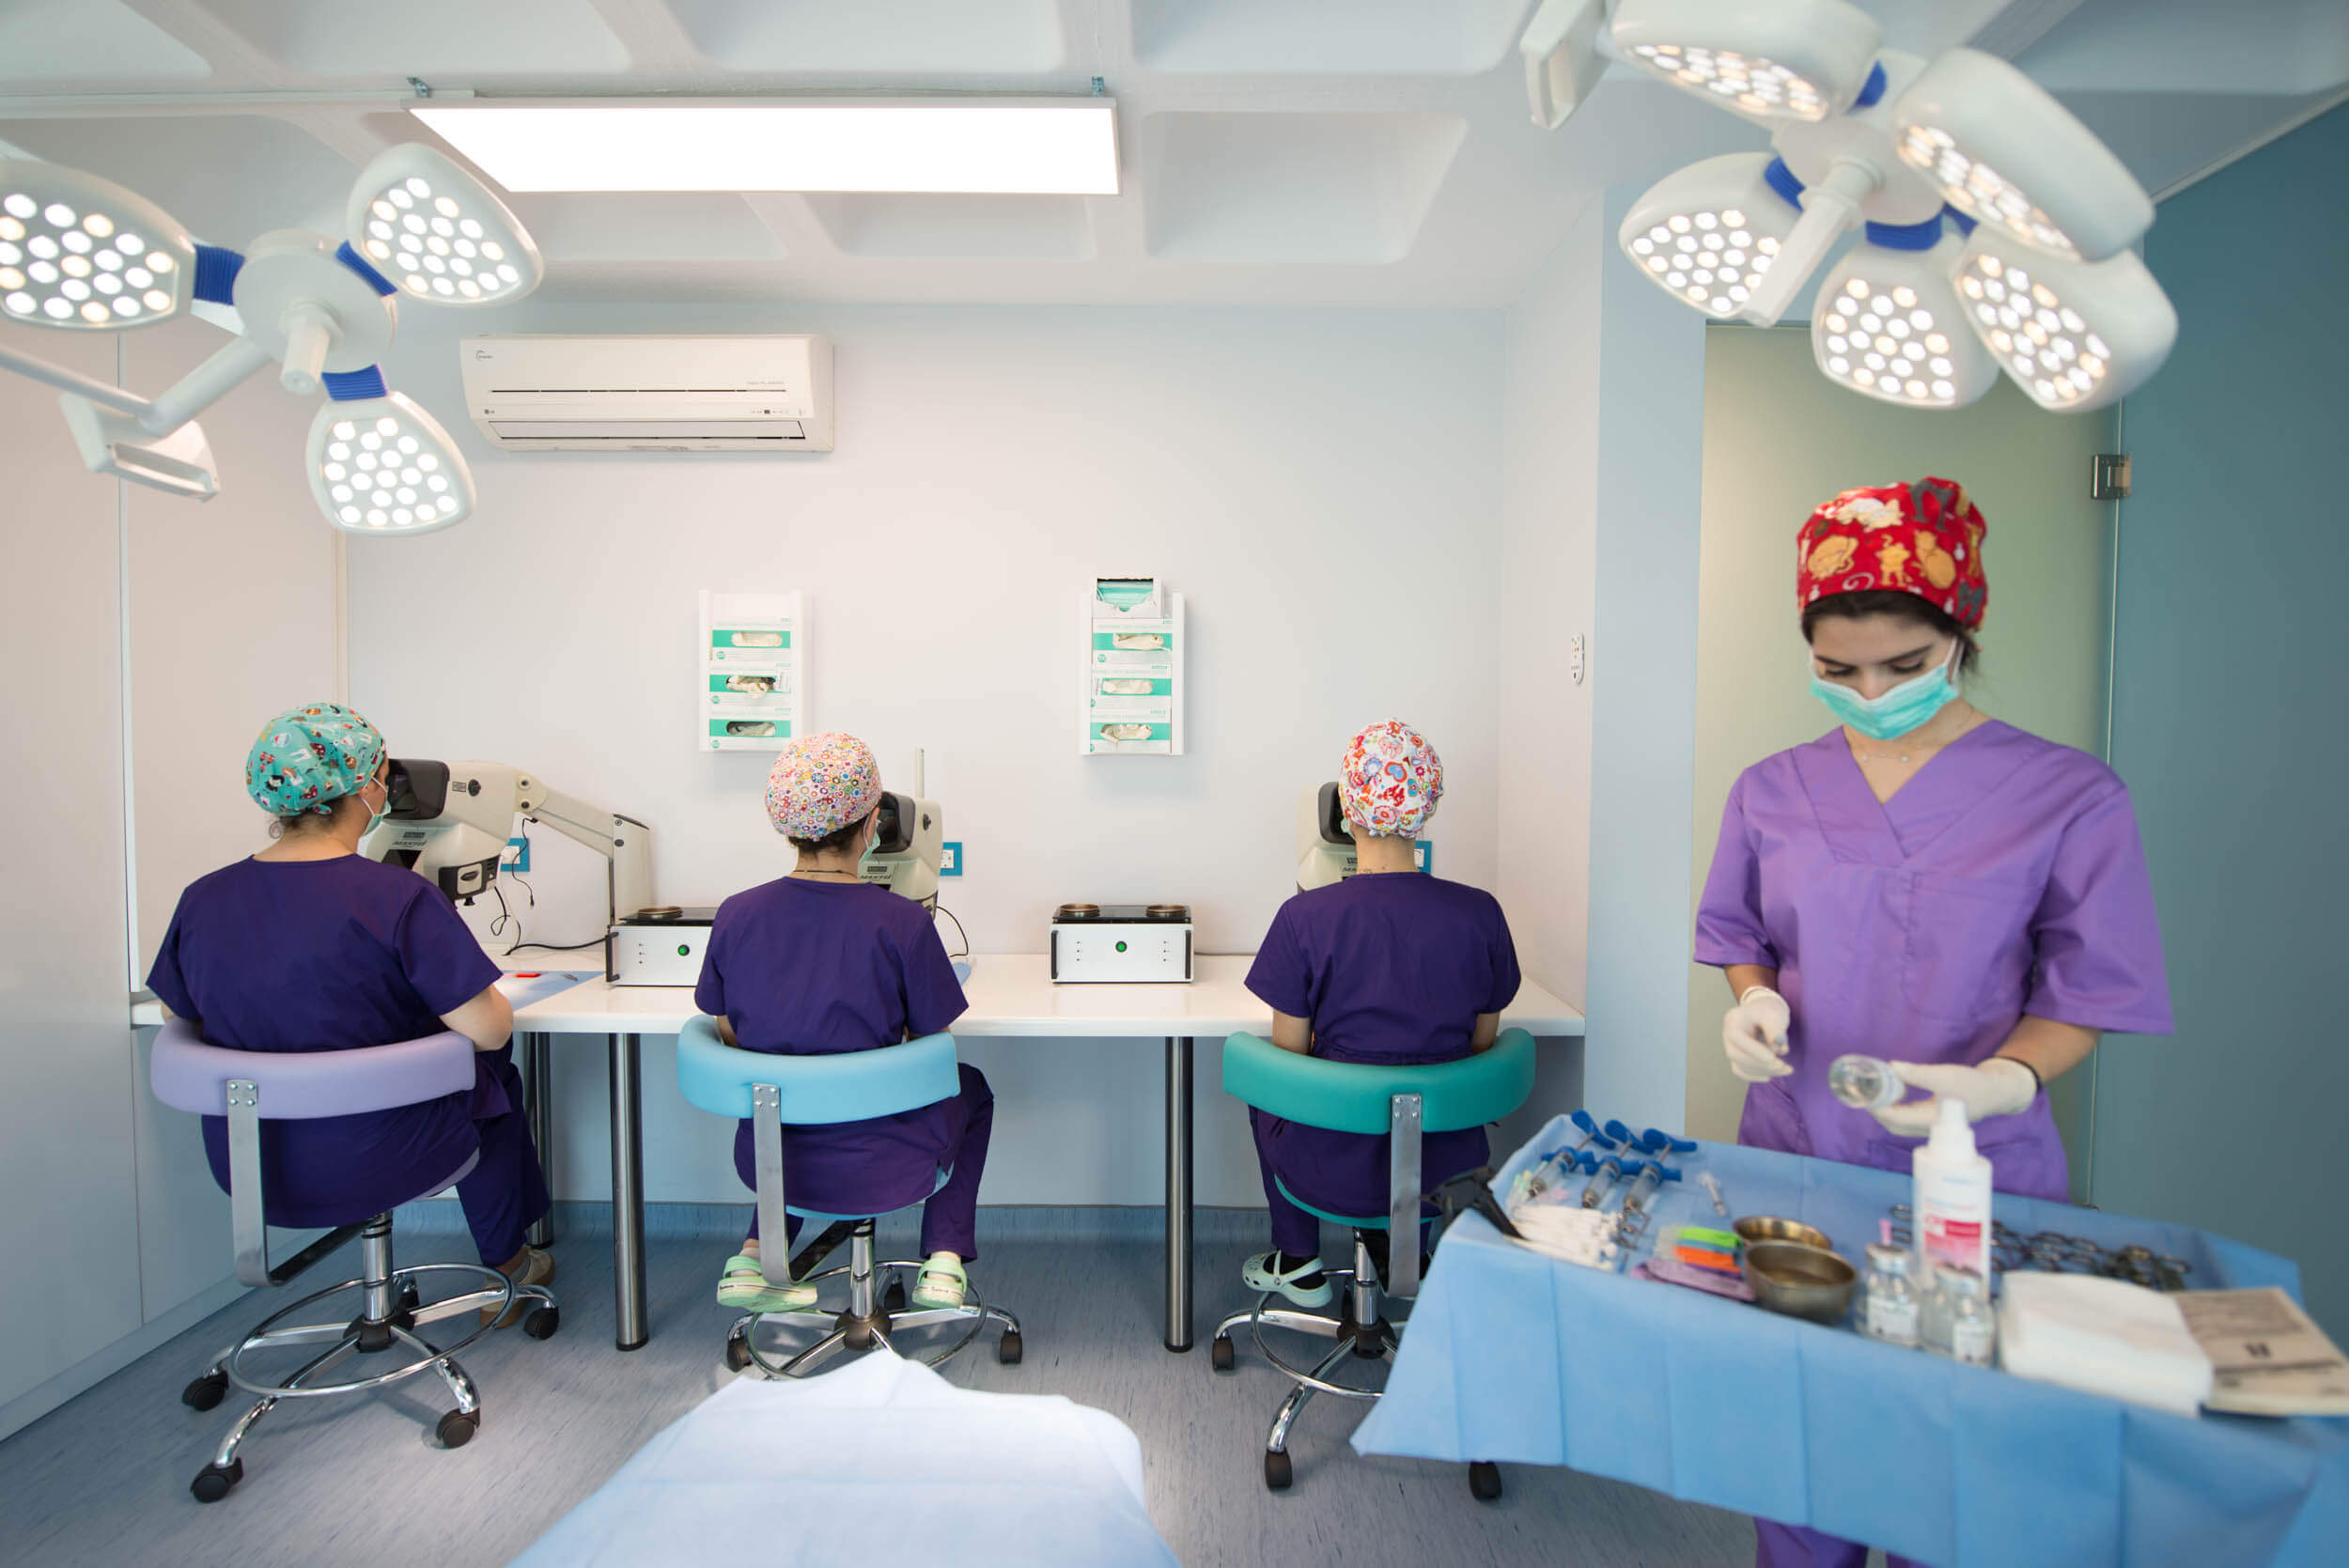 νοσηλευτικη ομαδα στα στερεομικροσκοπια 2